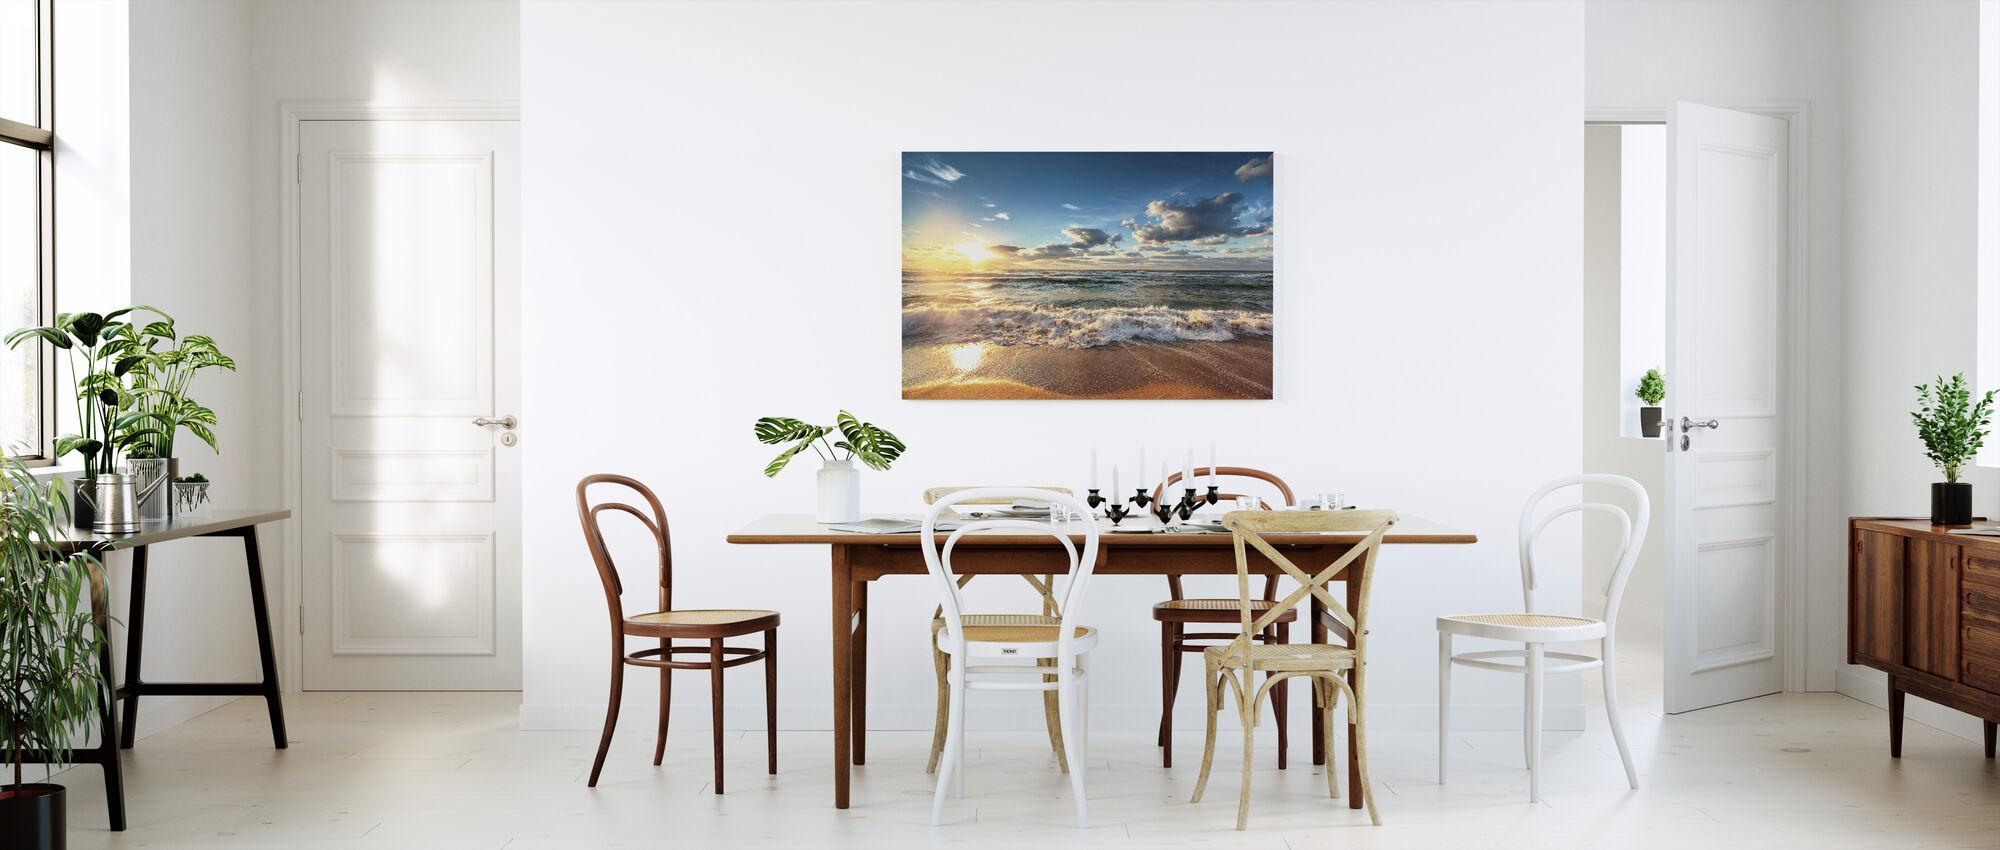 Cloudscape over the Sea - Canvas print - Kitchen